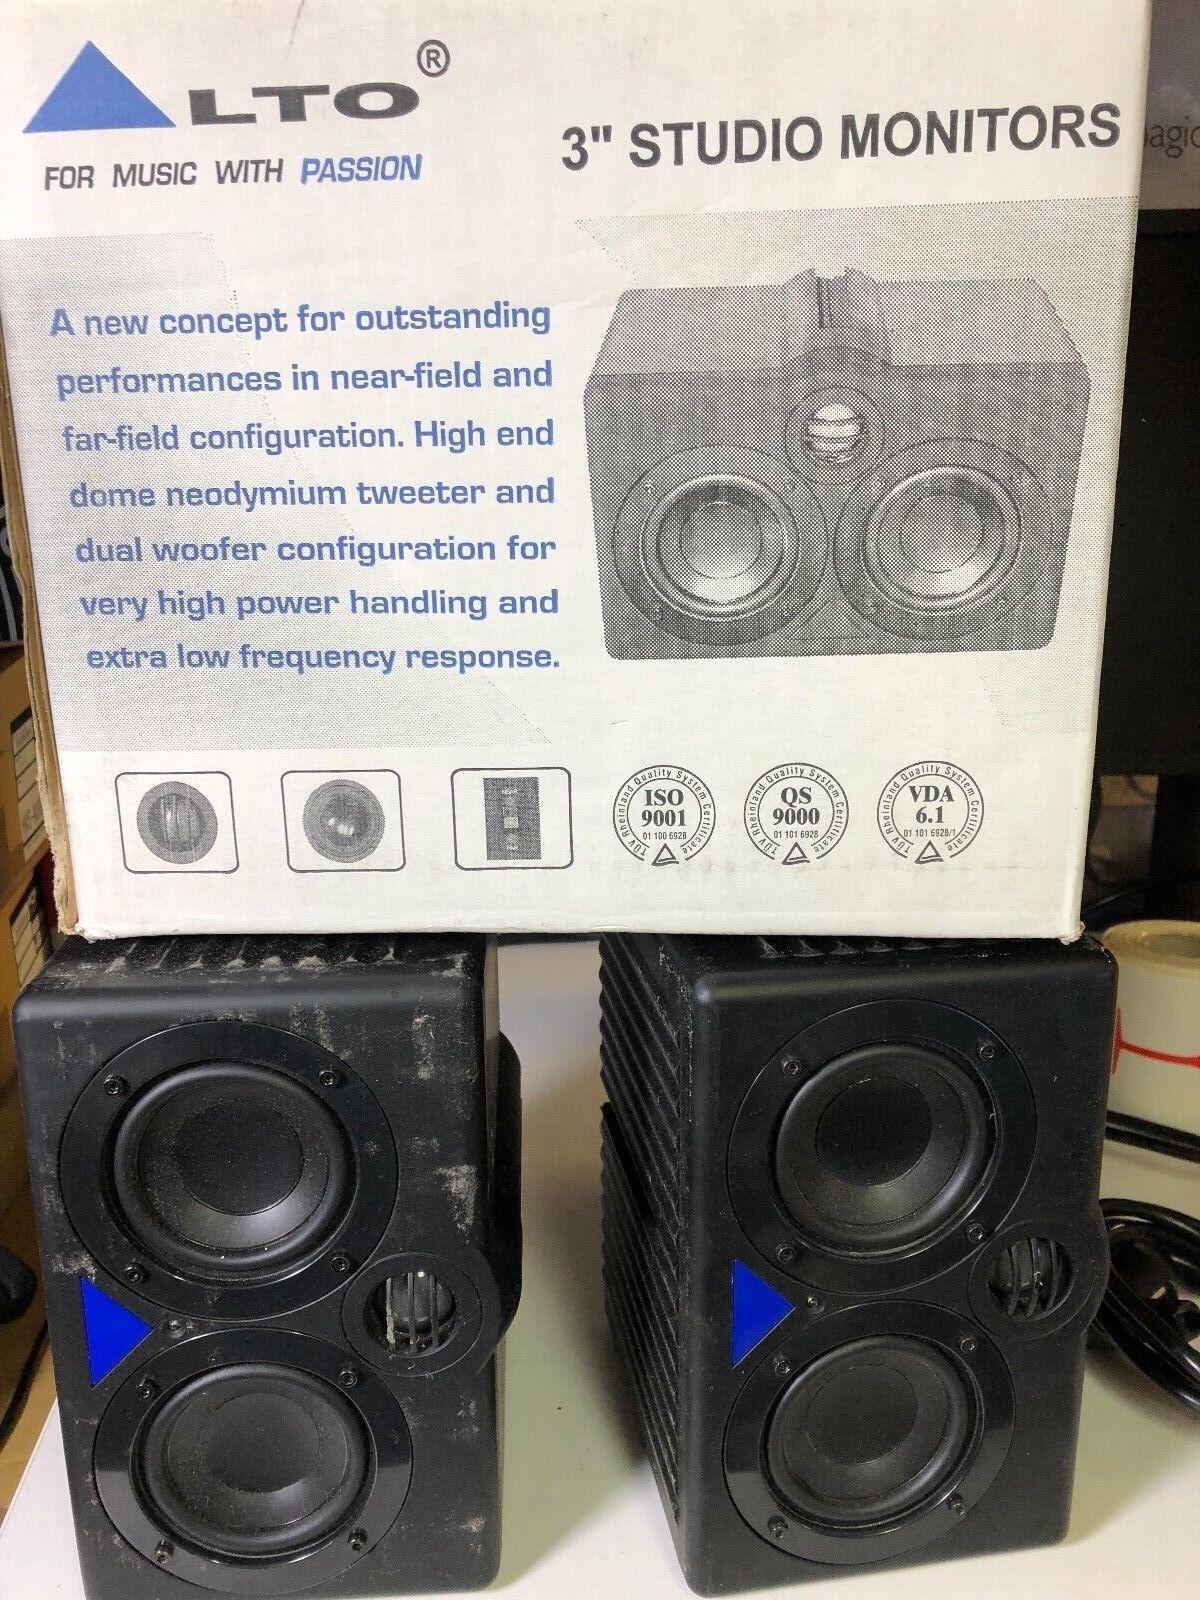 Lot de 2 x ALTO M SERIES MONITORS PASSIVE & ACTIVE MODELS M3A Monitoring